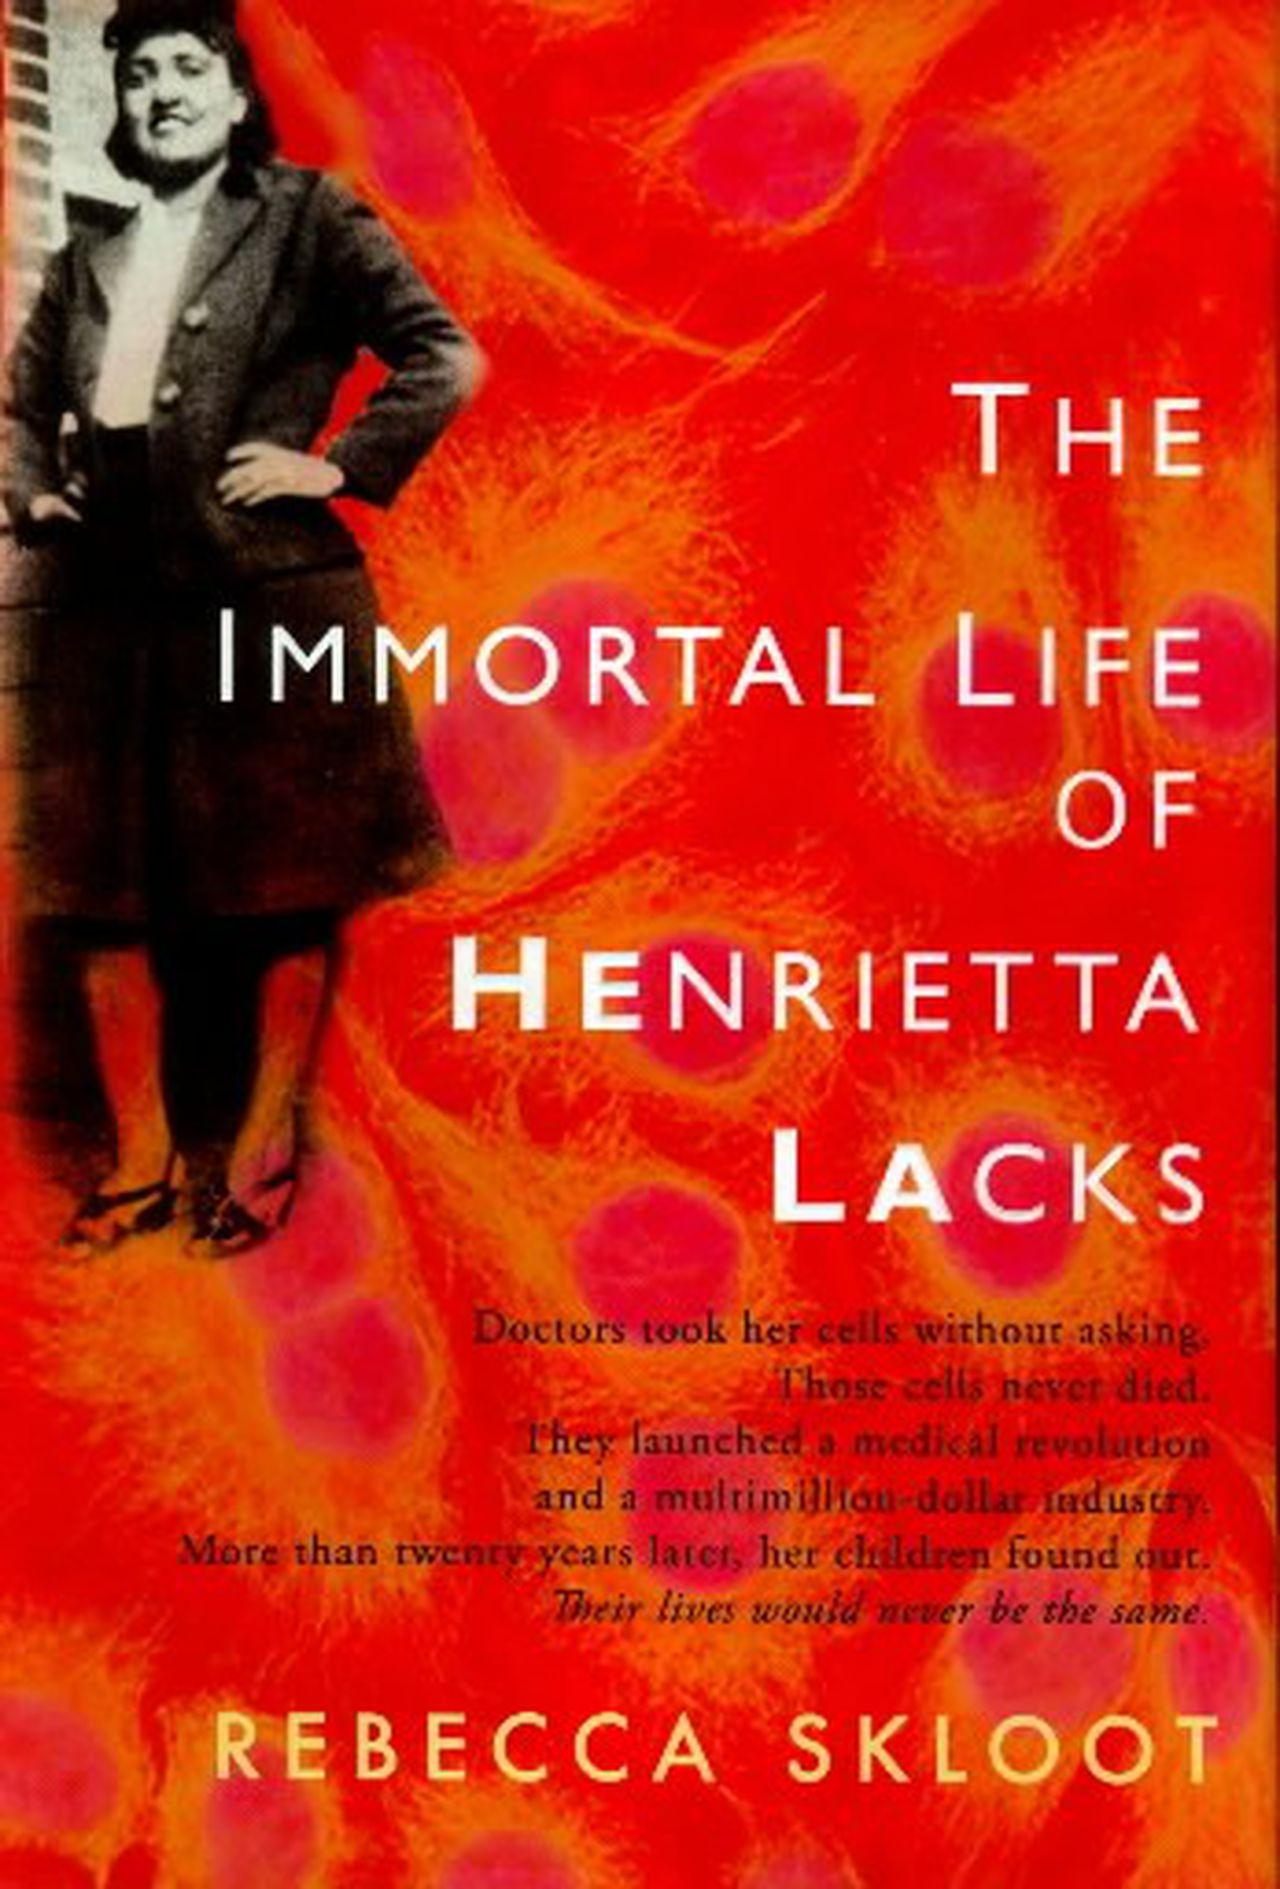 ჰენრიეტა ლაკსის უკვდავი ცხოვრება THE IMMORTAL LIFE OF HENRIETTA LACKS